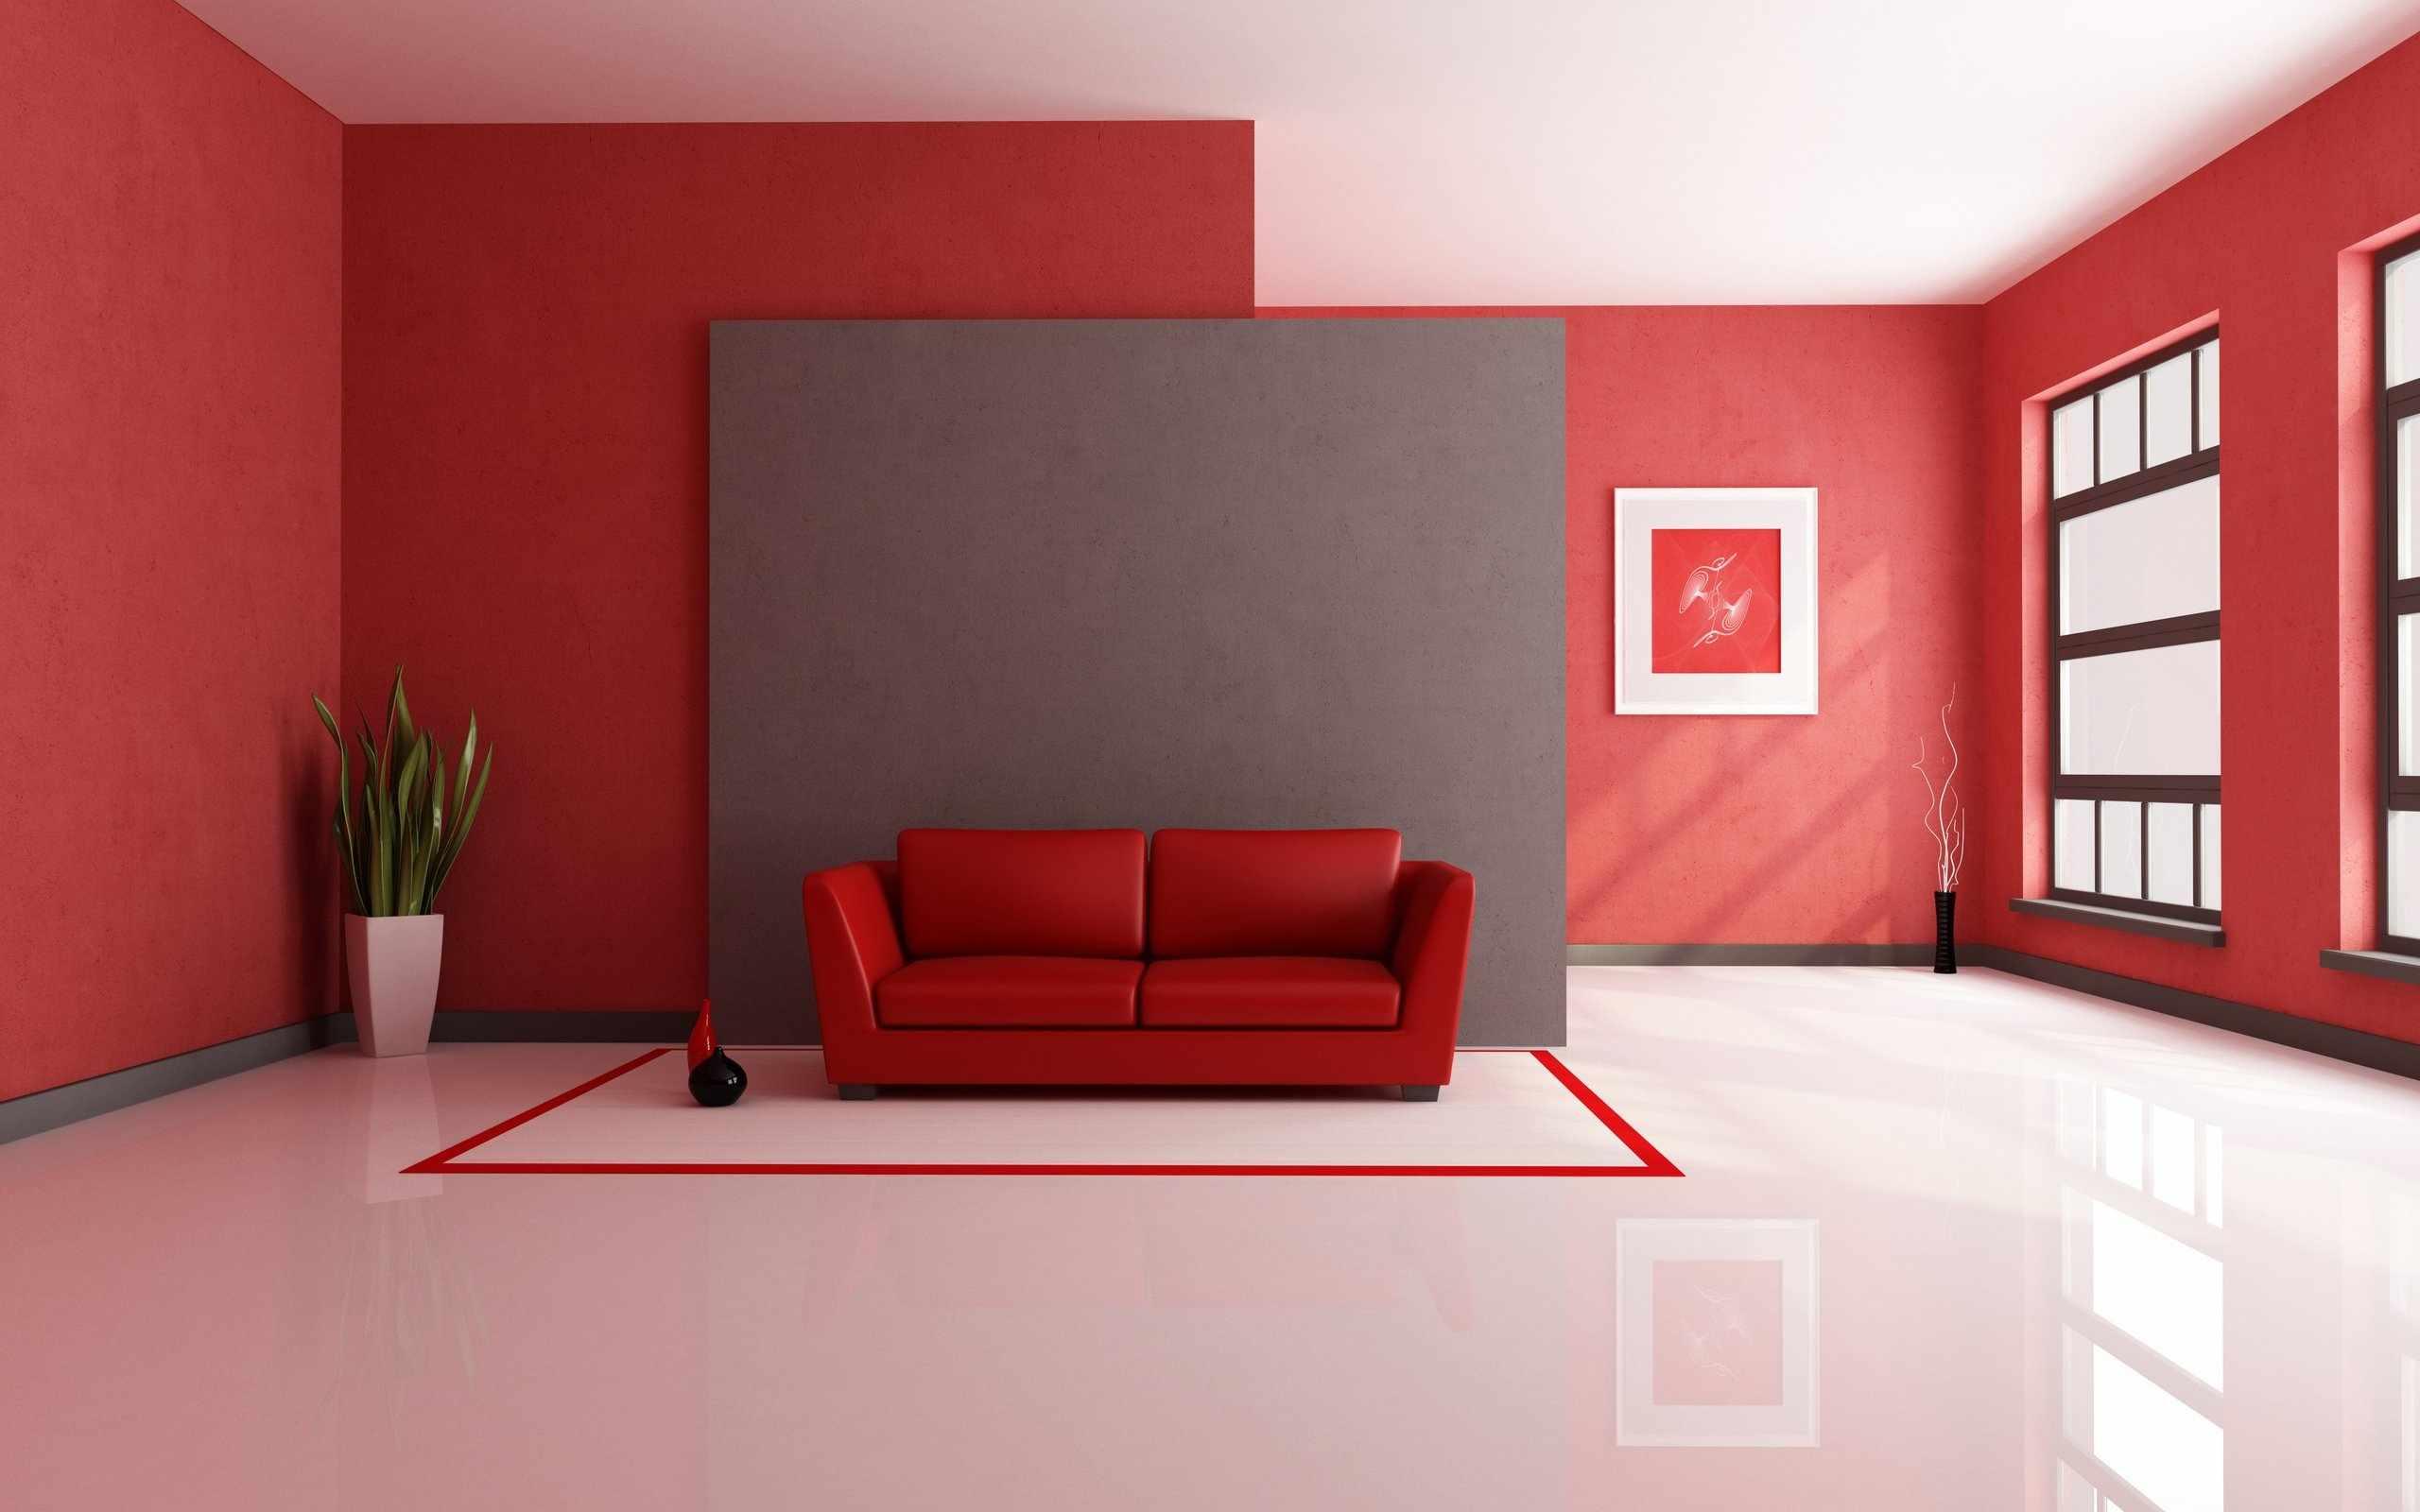 Белый пол в сочетании с красными отделочными материалами и предметами интерьера